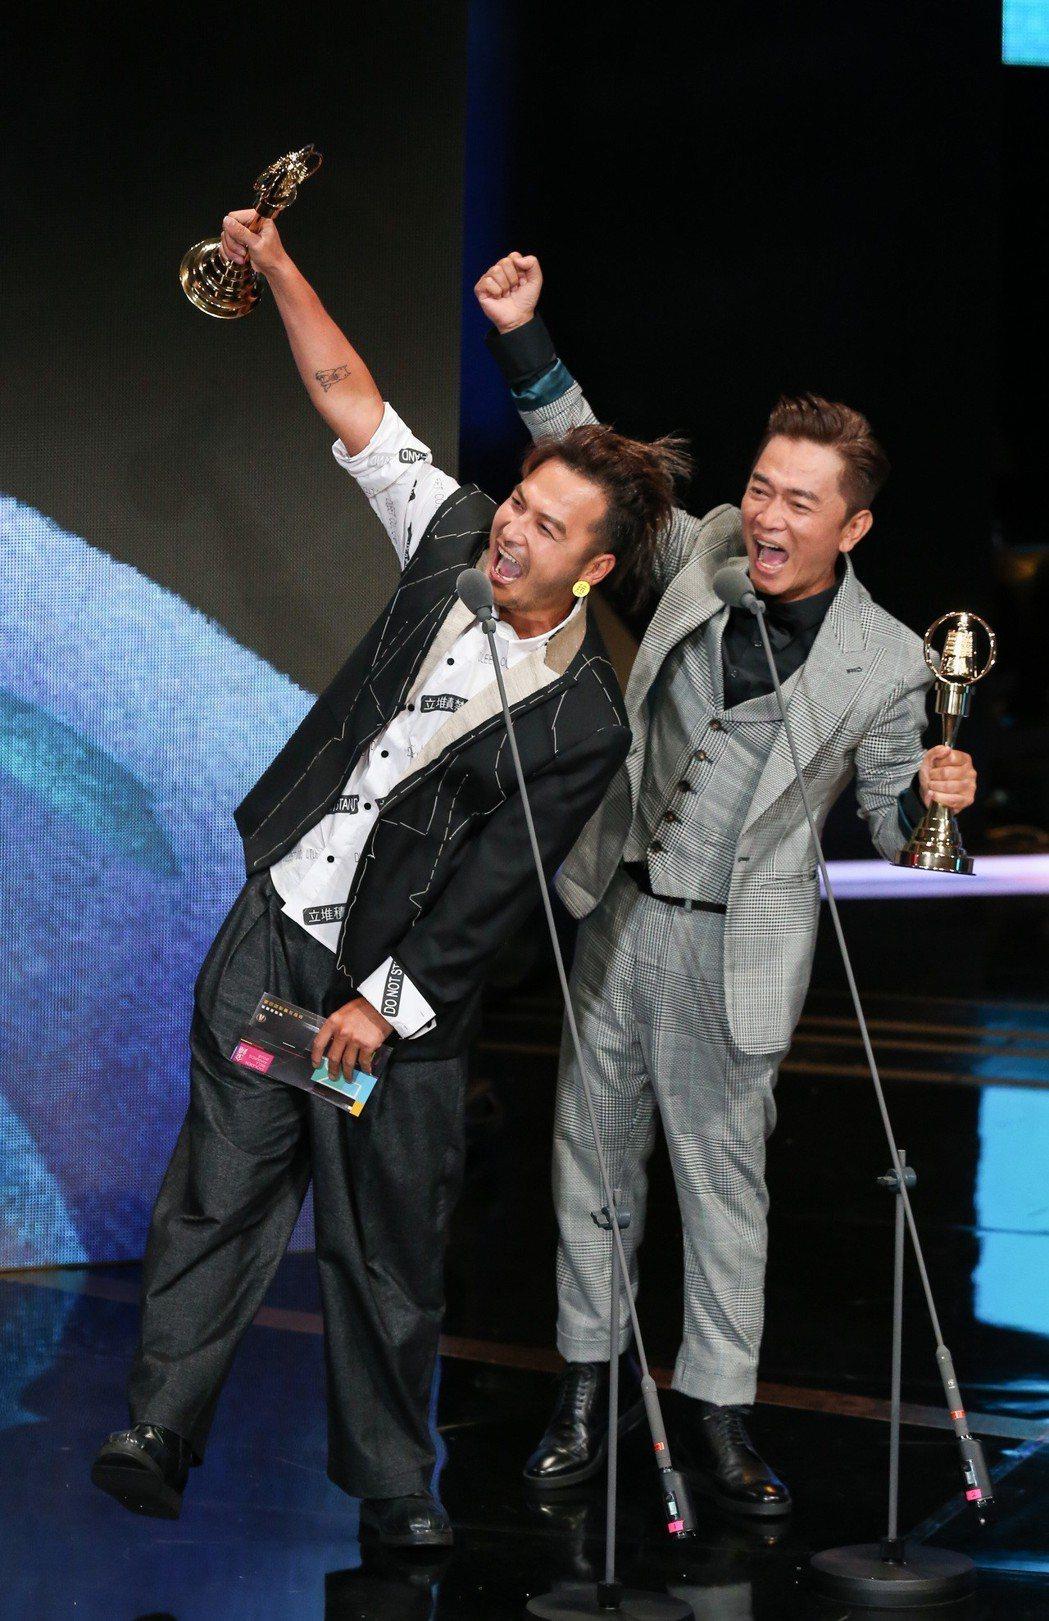 KID(左)與吳宗憲(右)獲益智及實境節目主持人獎。記者林澔一/攝影